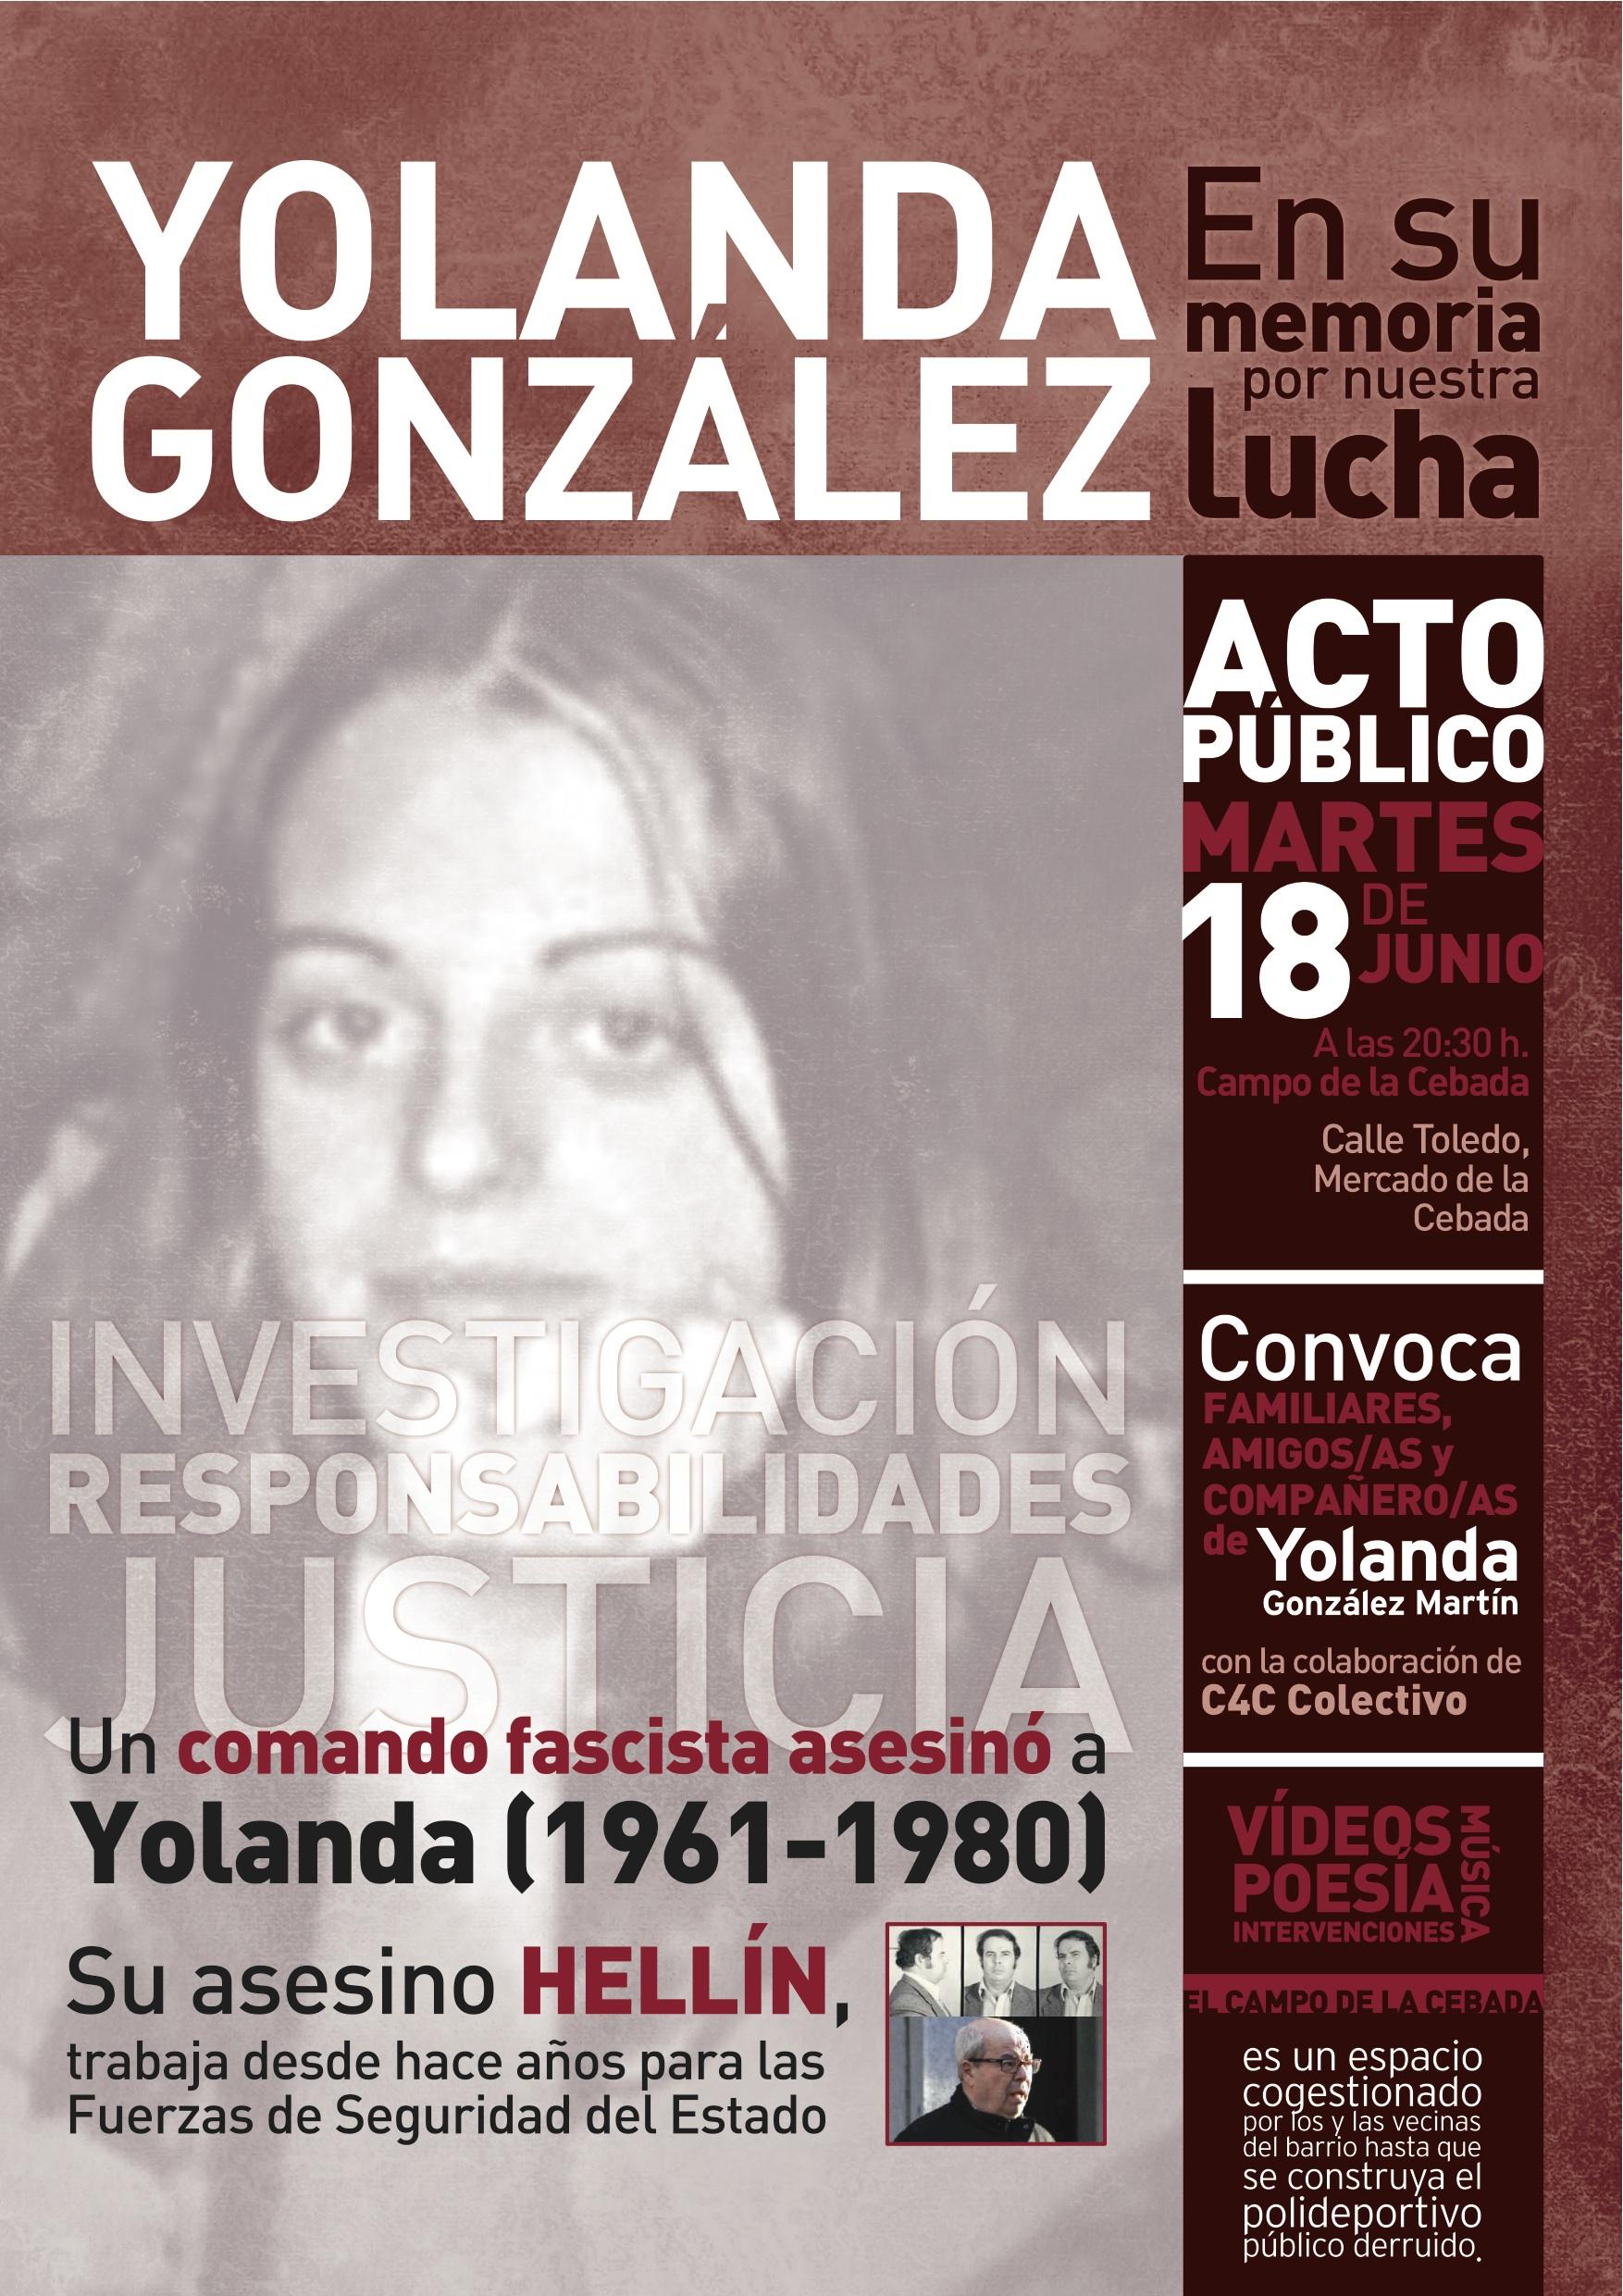 Campaña Yolanda González Madrid 18 de junio 2013 - Cartel_Yolanda_Cebada